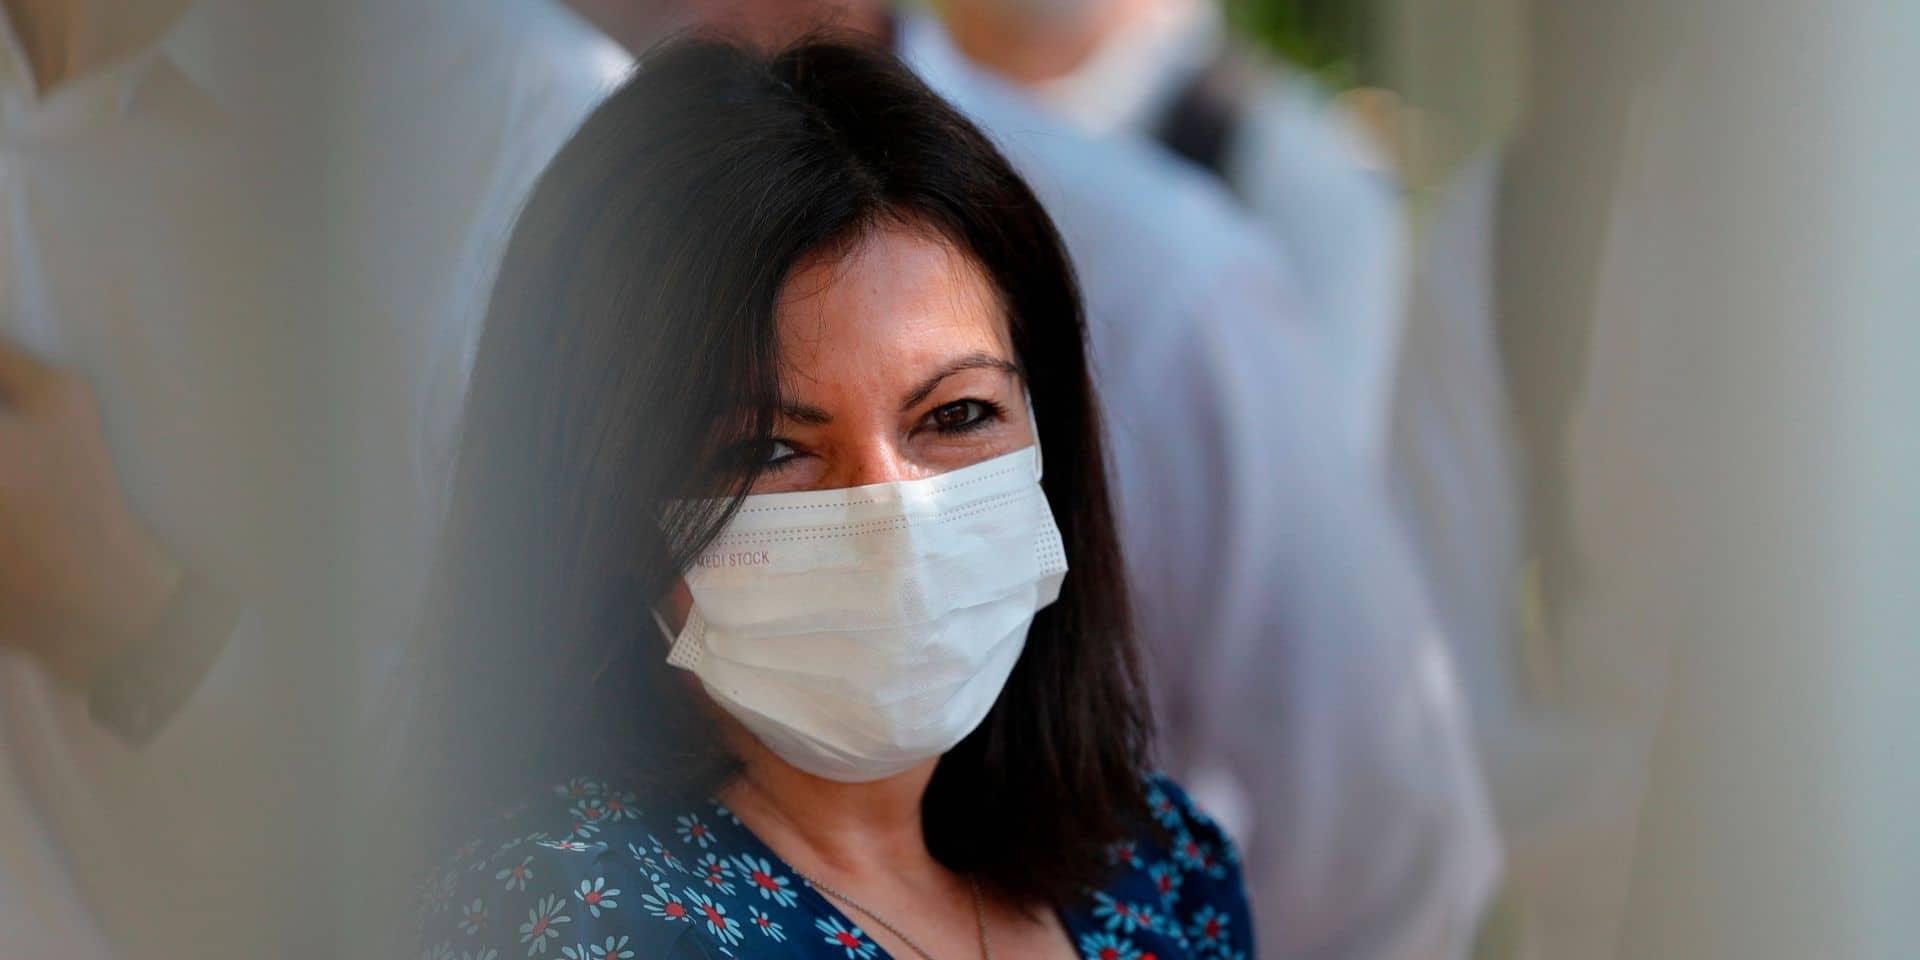 Paris: Hidalgo demande le masque obligatoire dans certains espaces publics